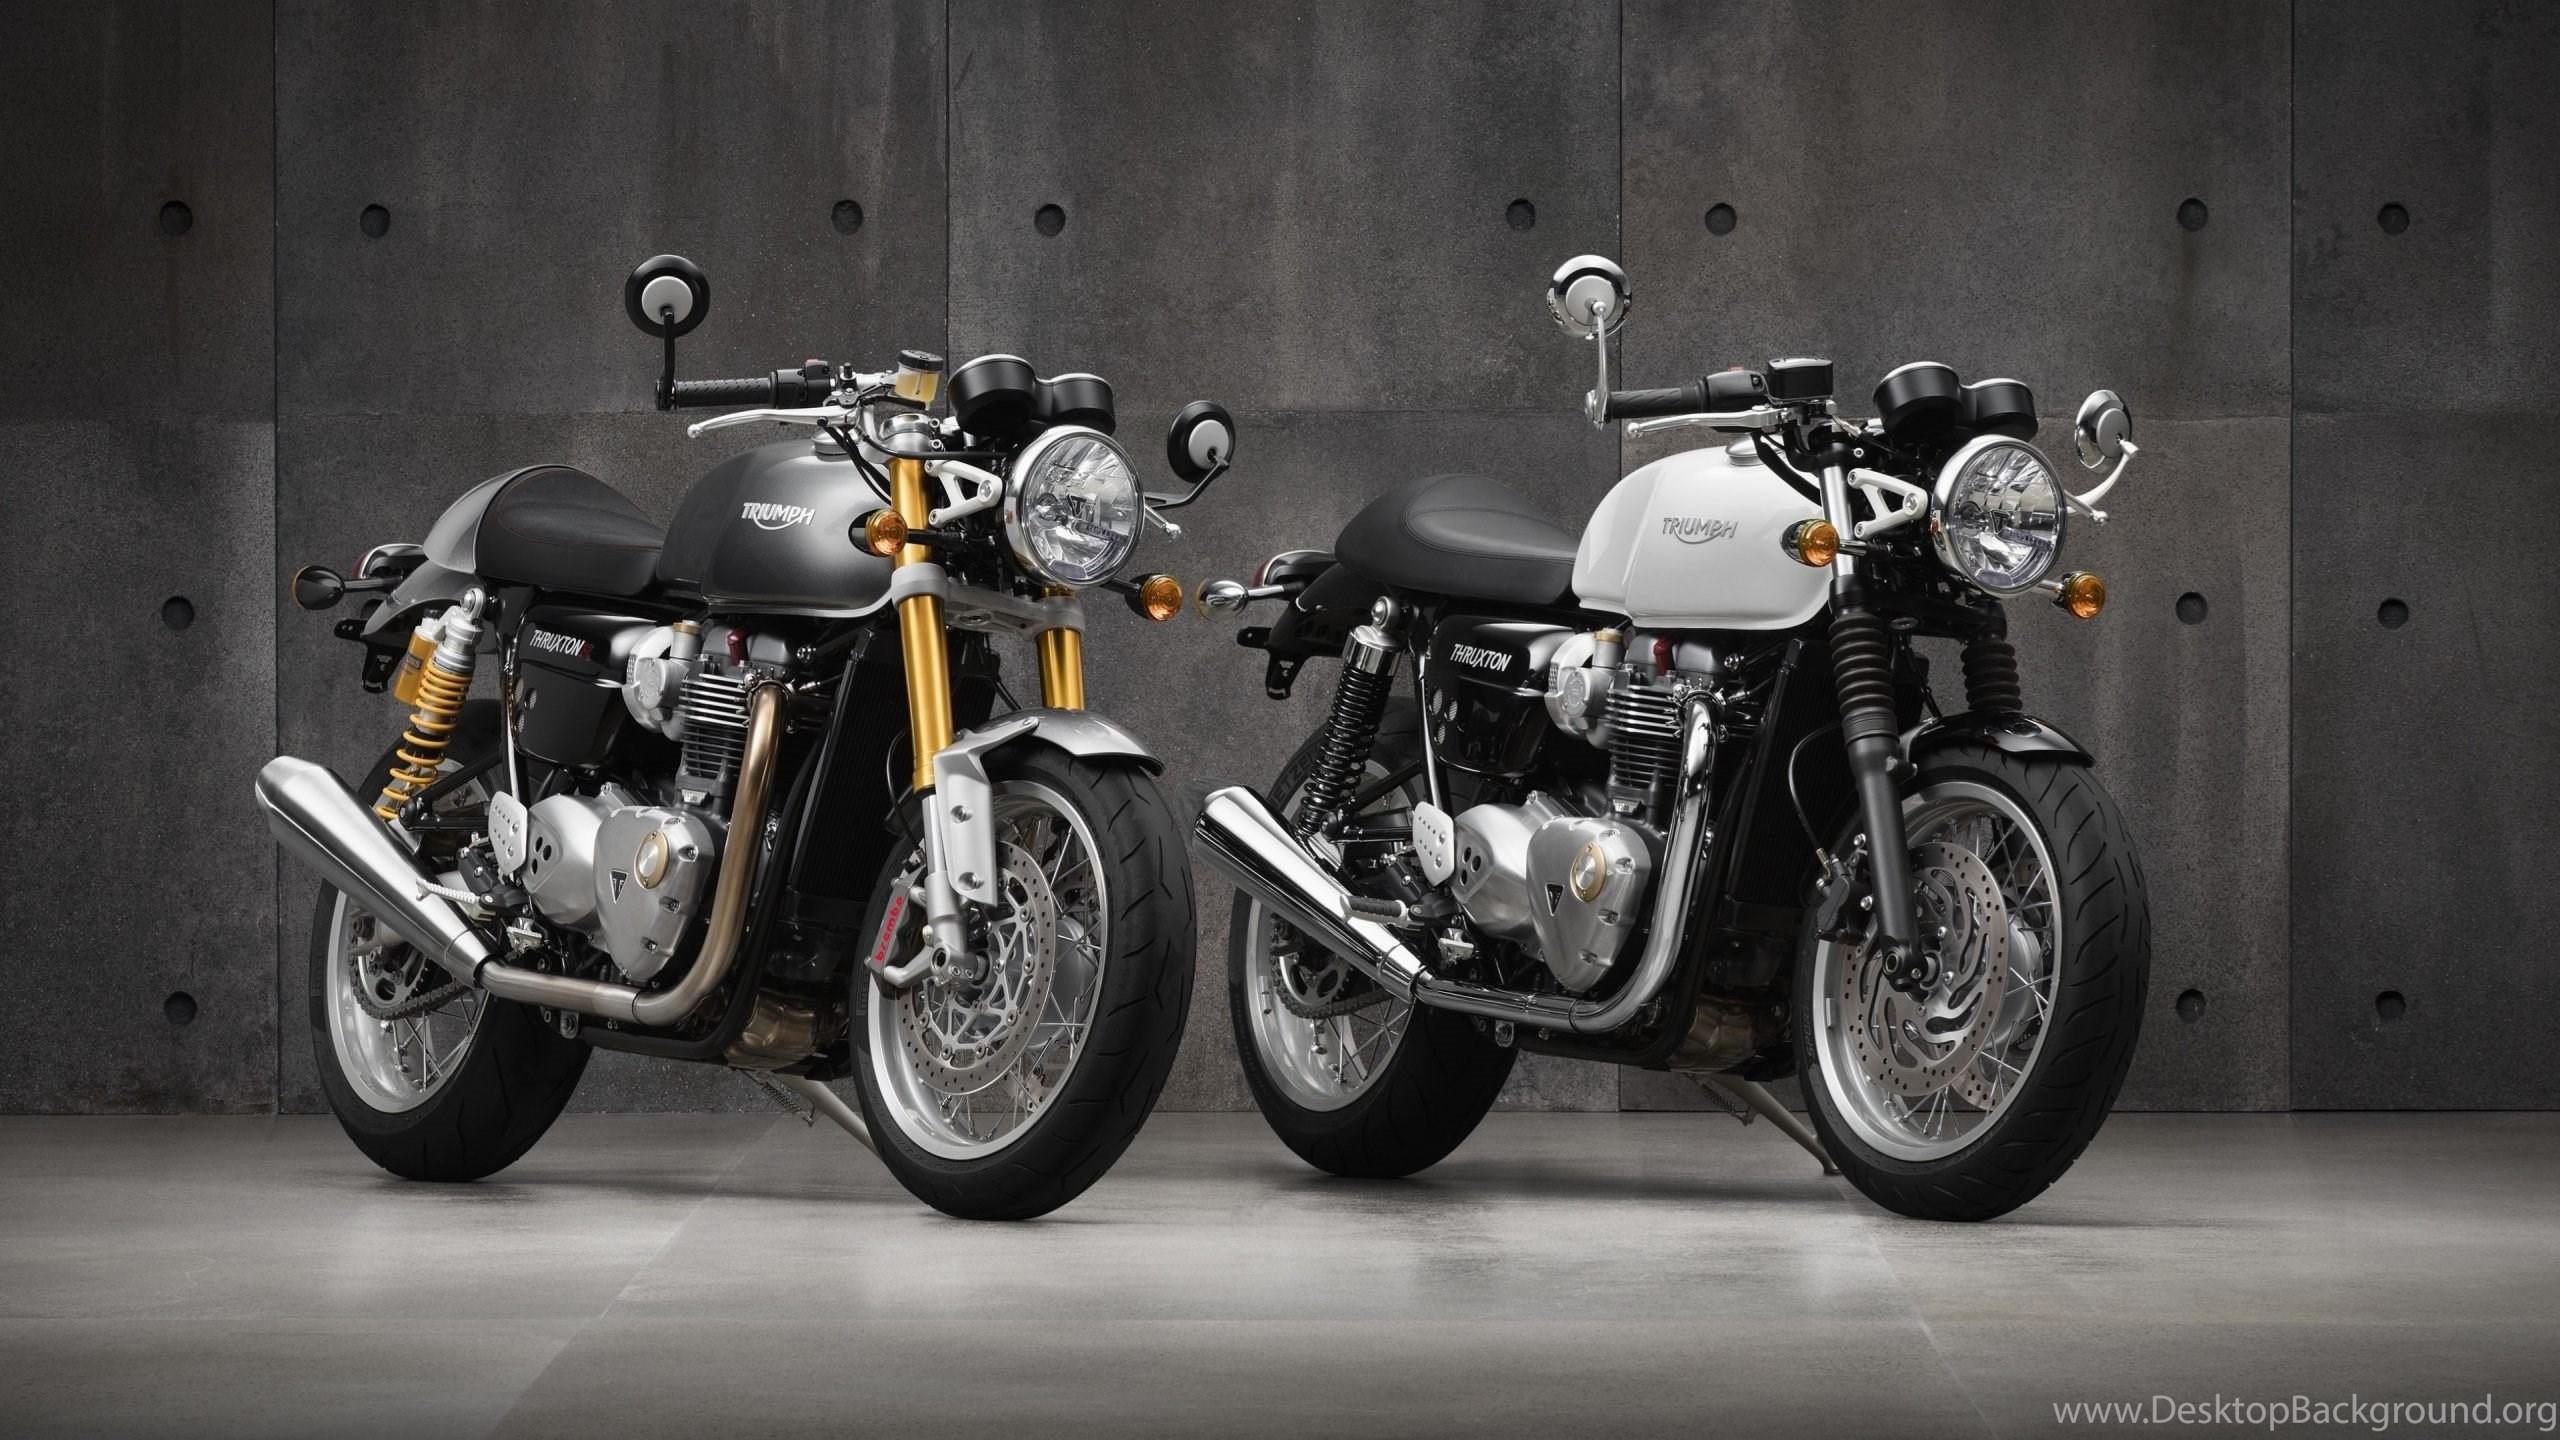 triumph bonneville motorcycle wallpapers for desktop & mobile